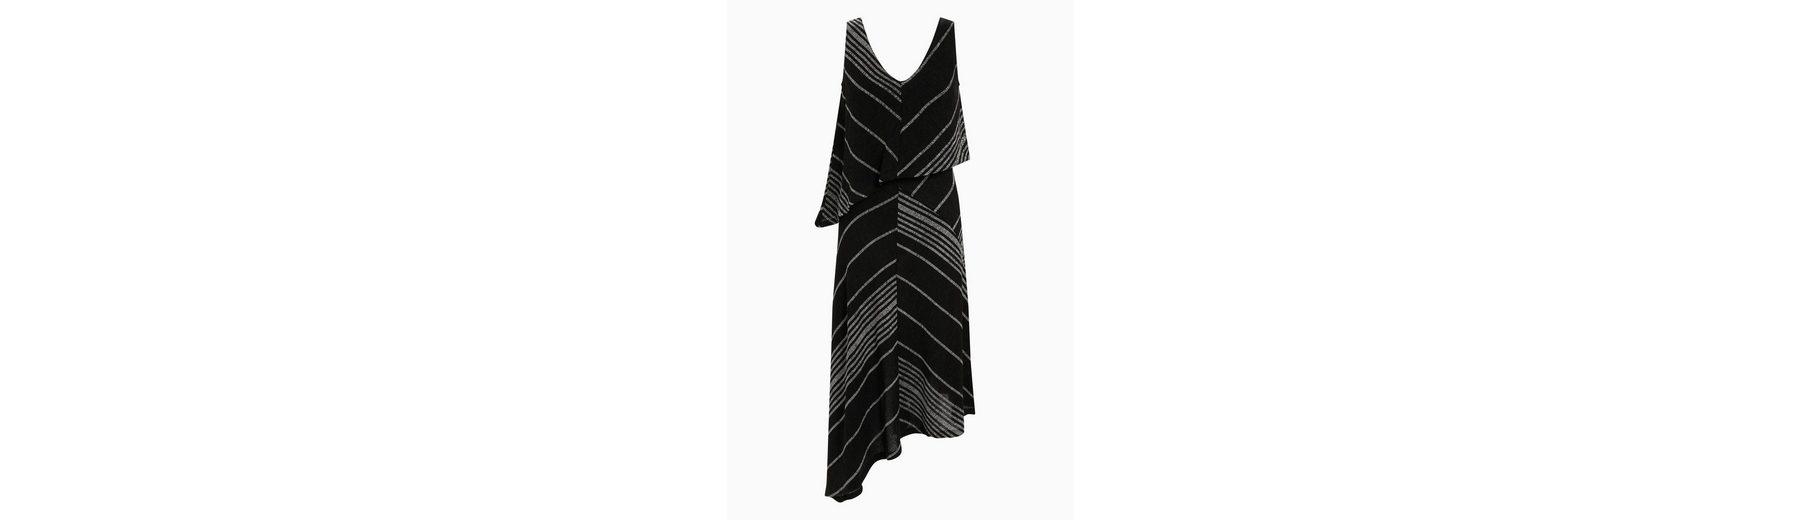 Auslasszwischenraum Bilder Next Asymmetrisches Kleid TOdG8JHG4l